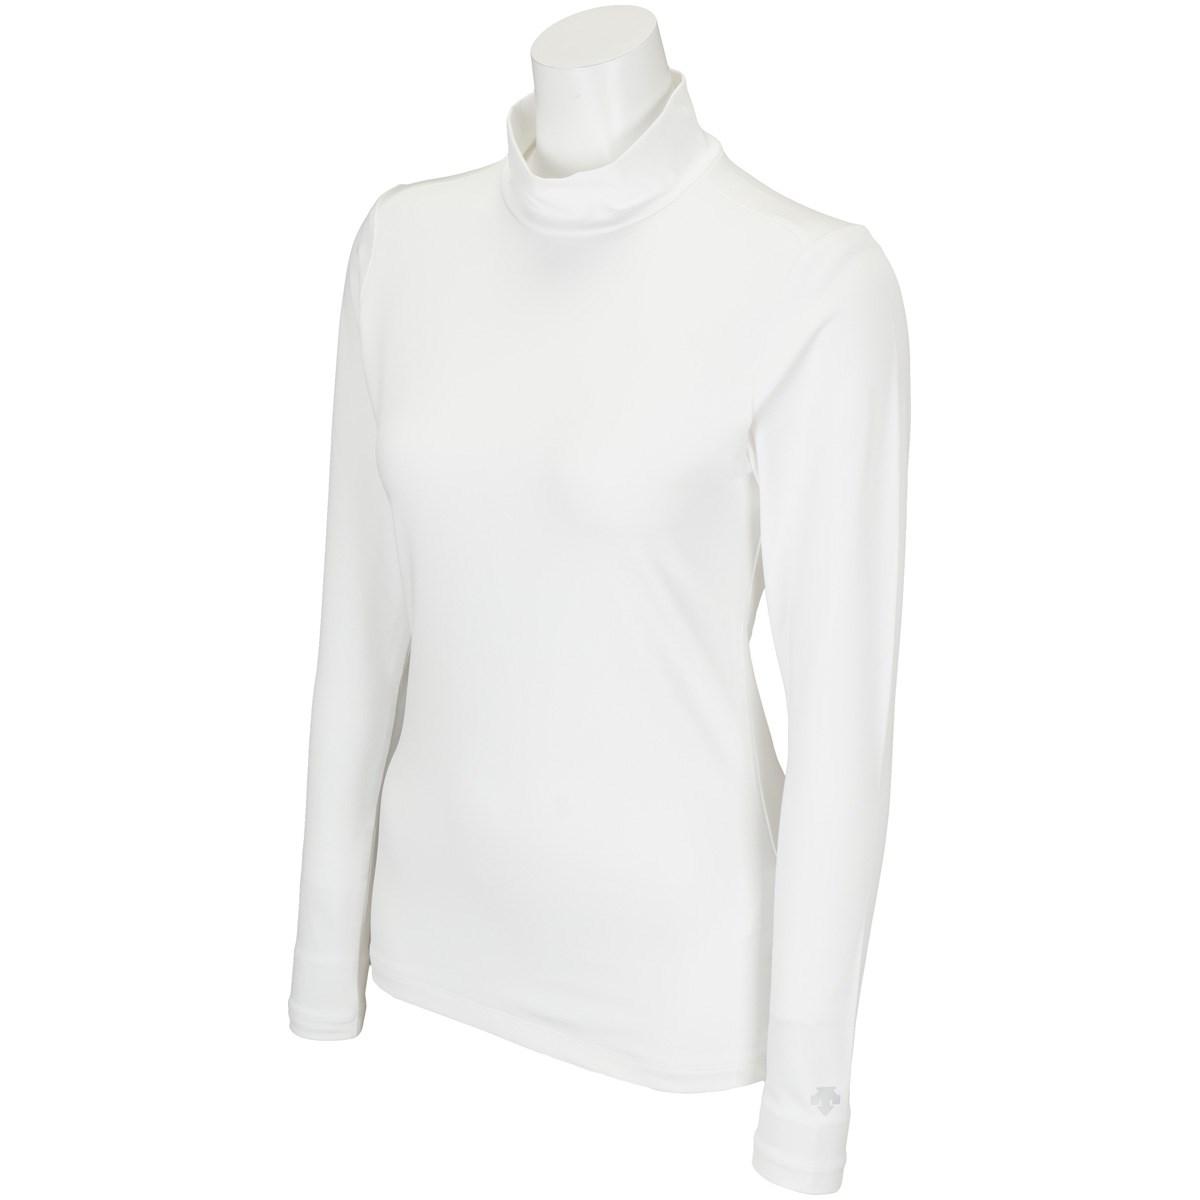 デサントゴルフ DESCENTE GOLF ストレッチ 長袖インナーシャツ S ホワイト 00 レディス